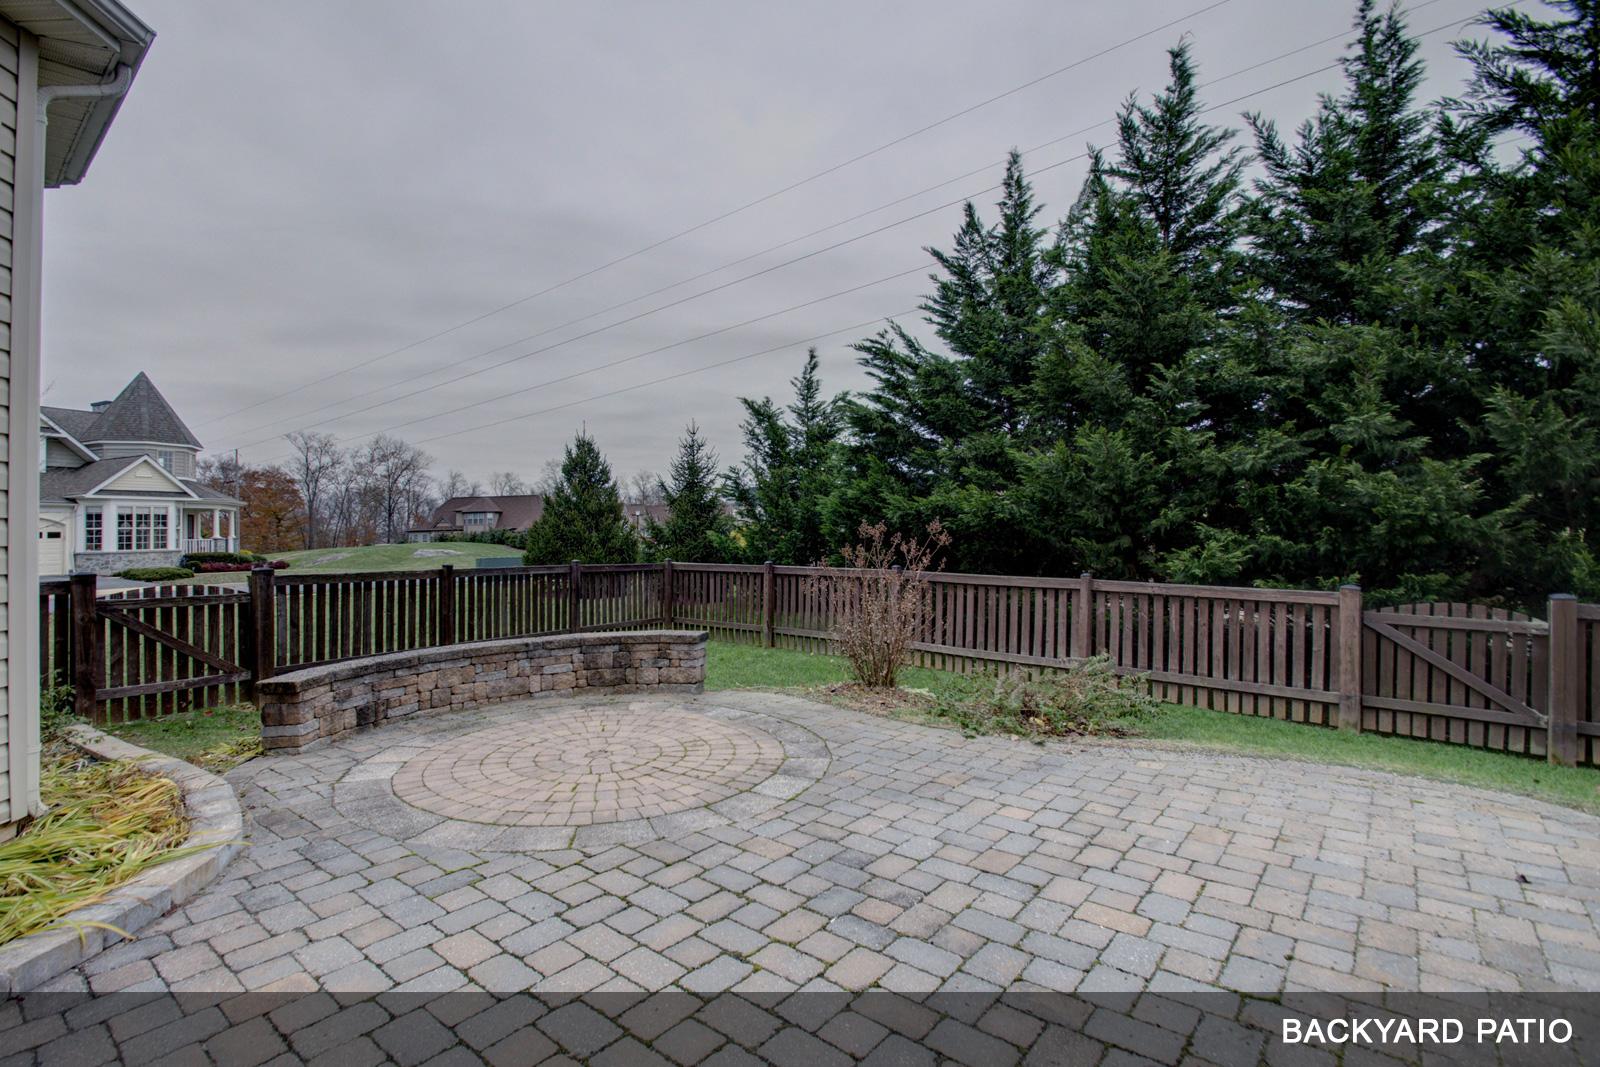 24-Backyard-Patio-a.jpg